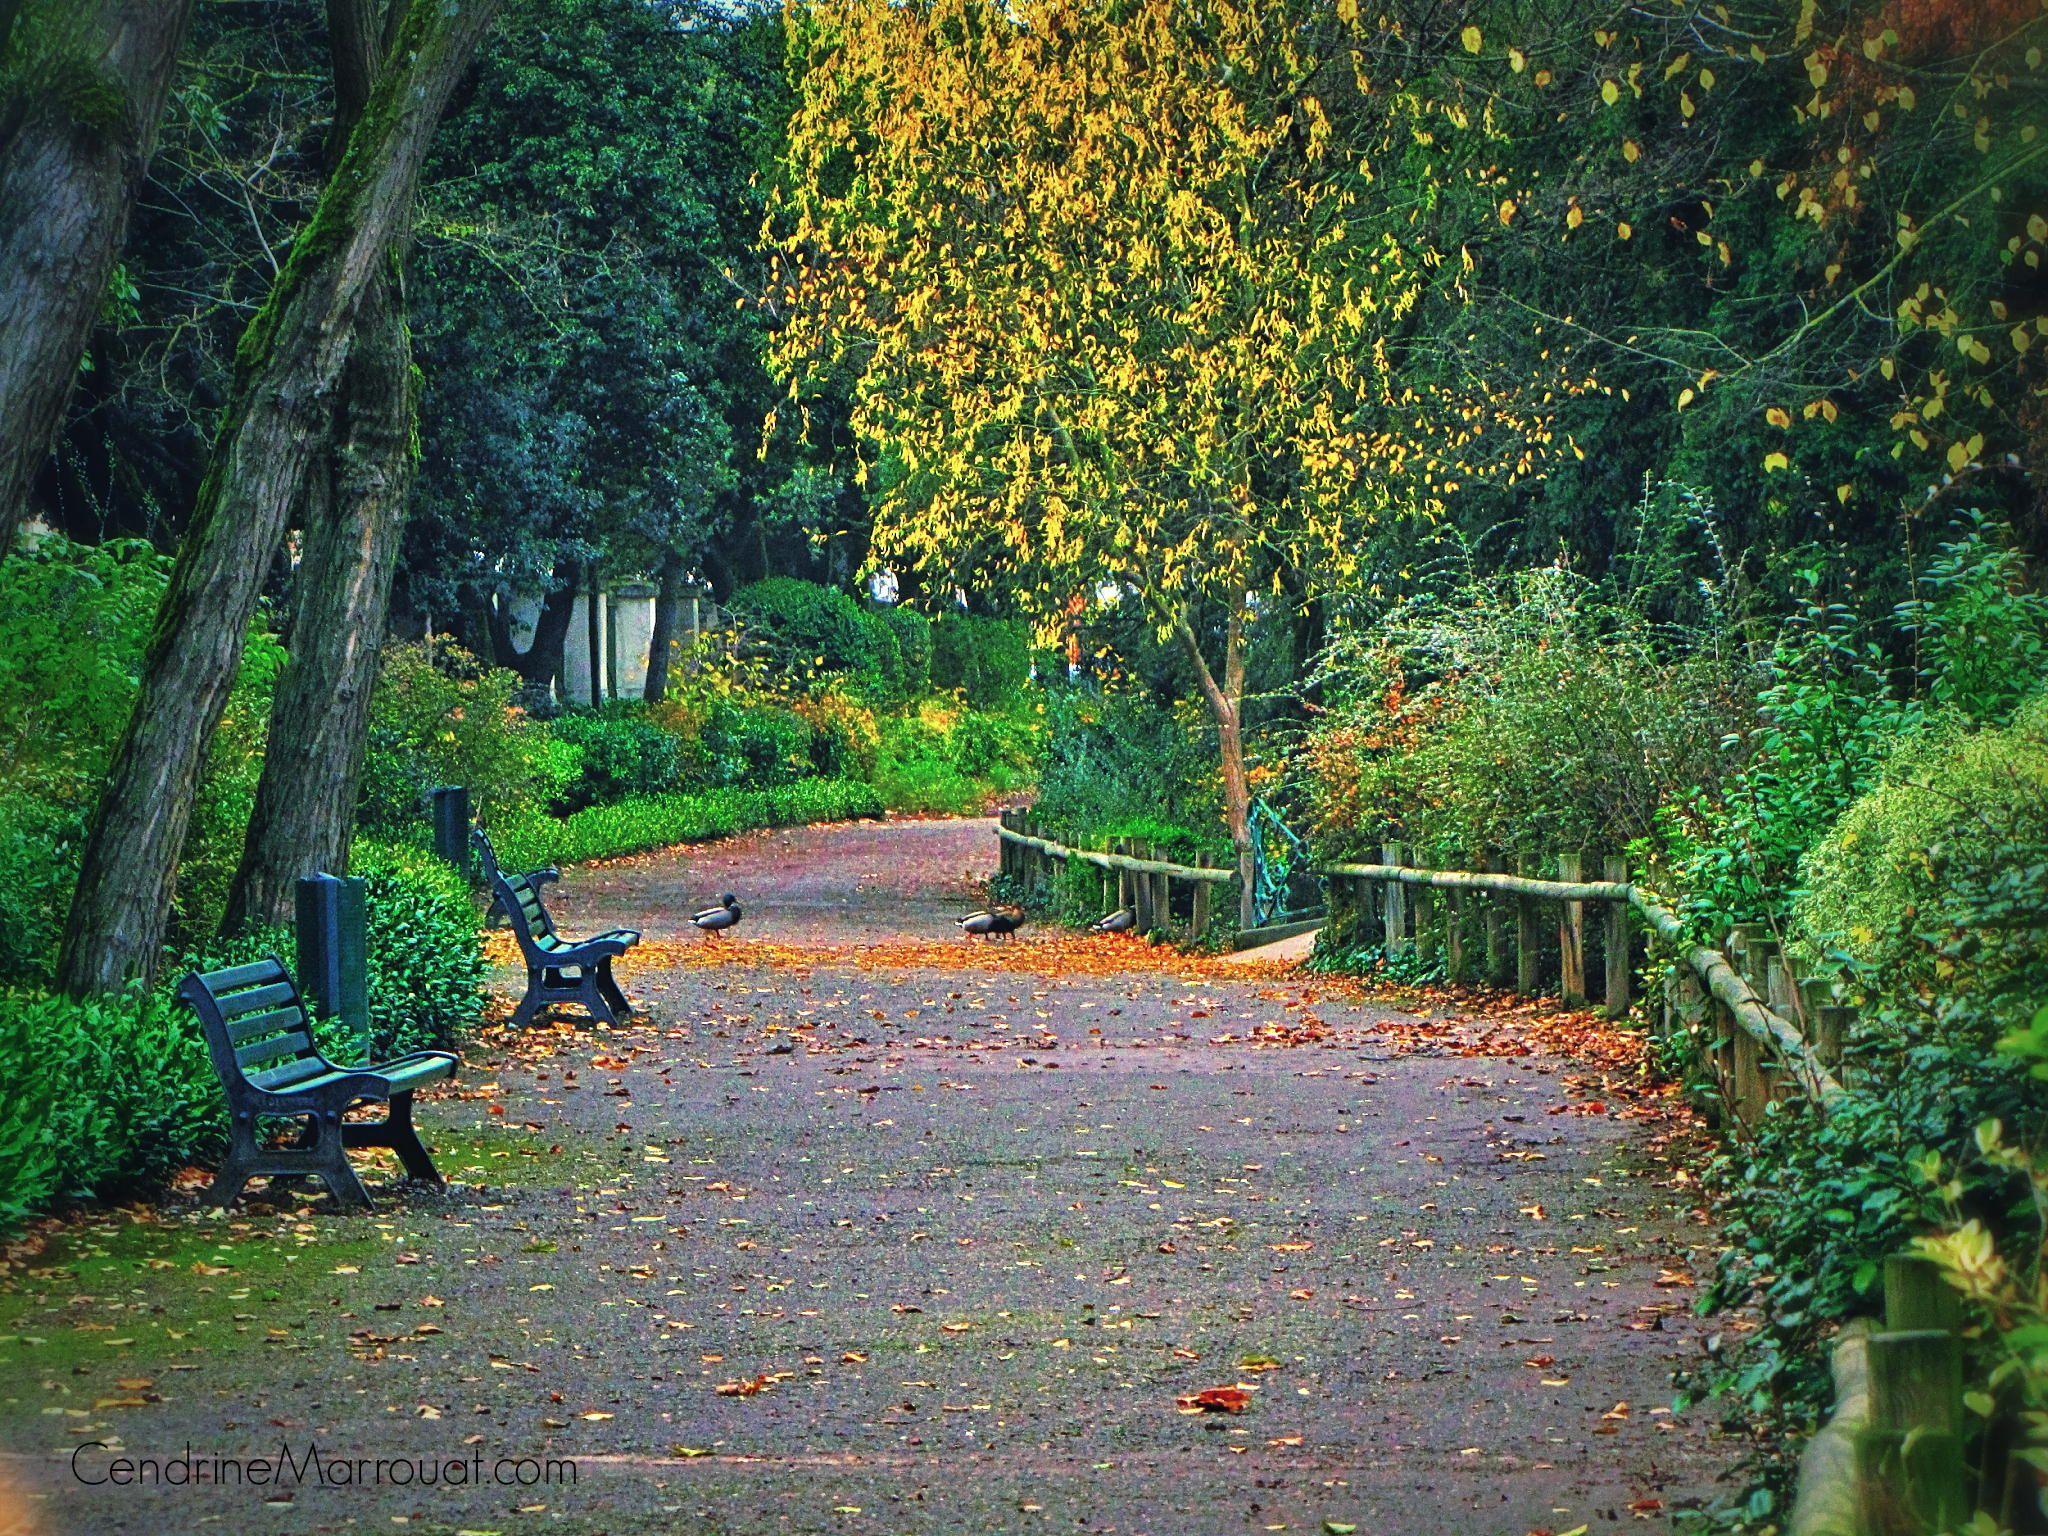 Jardin des plantes Toulouse France by Cendrine Marrouat on 500px